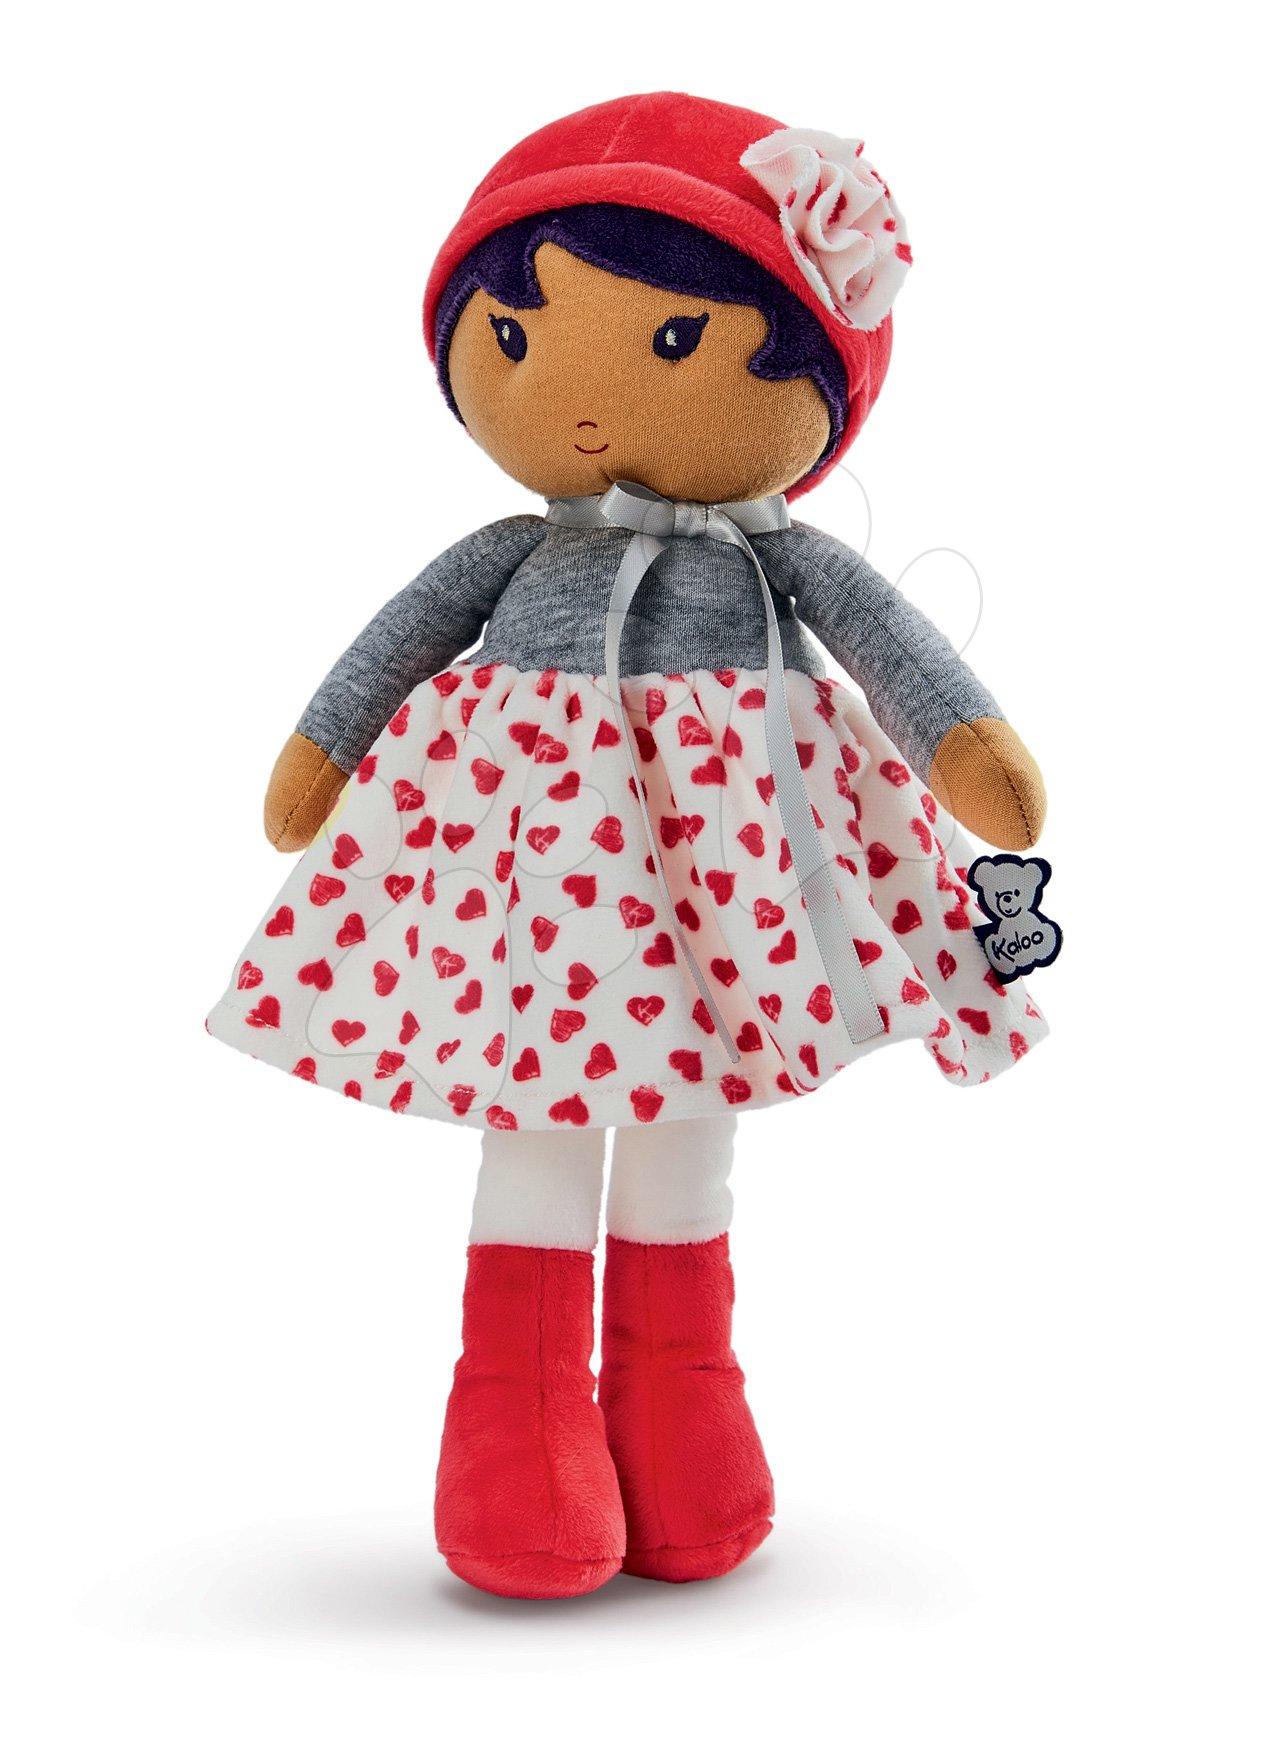 Panenka pro miminka Jade K Tendresse Kaloo 32 cm v srdíčkovým šatech z jemného textilu v dárkovém balení od 0 měsíců